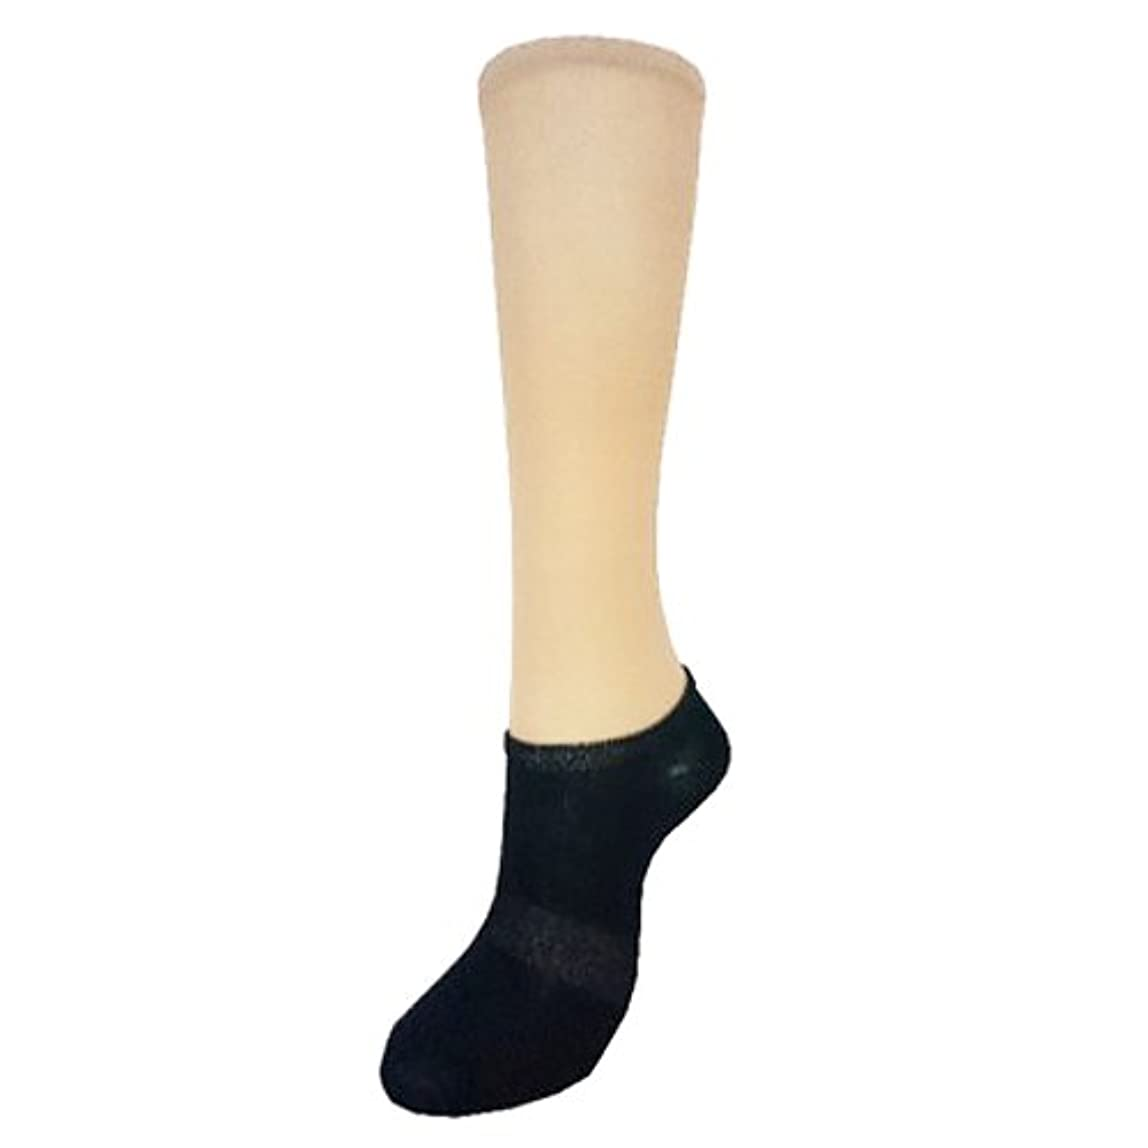 診断する絡み合いスーパーマーケット砂山靴下 ストッキングソックス スニーカーソックスタイプ ブラック